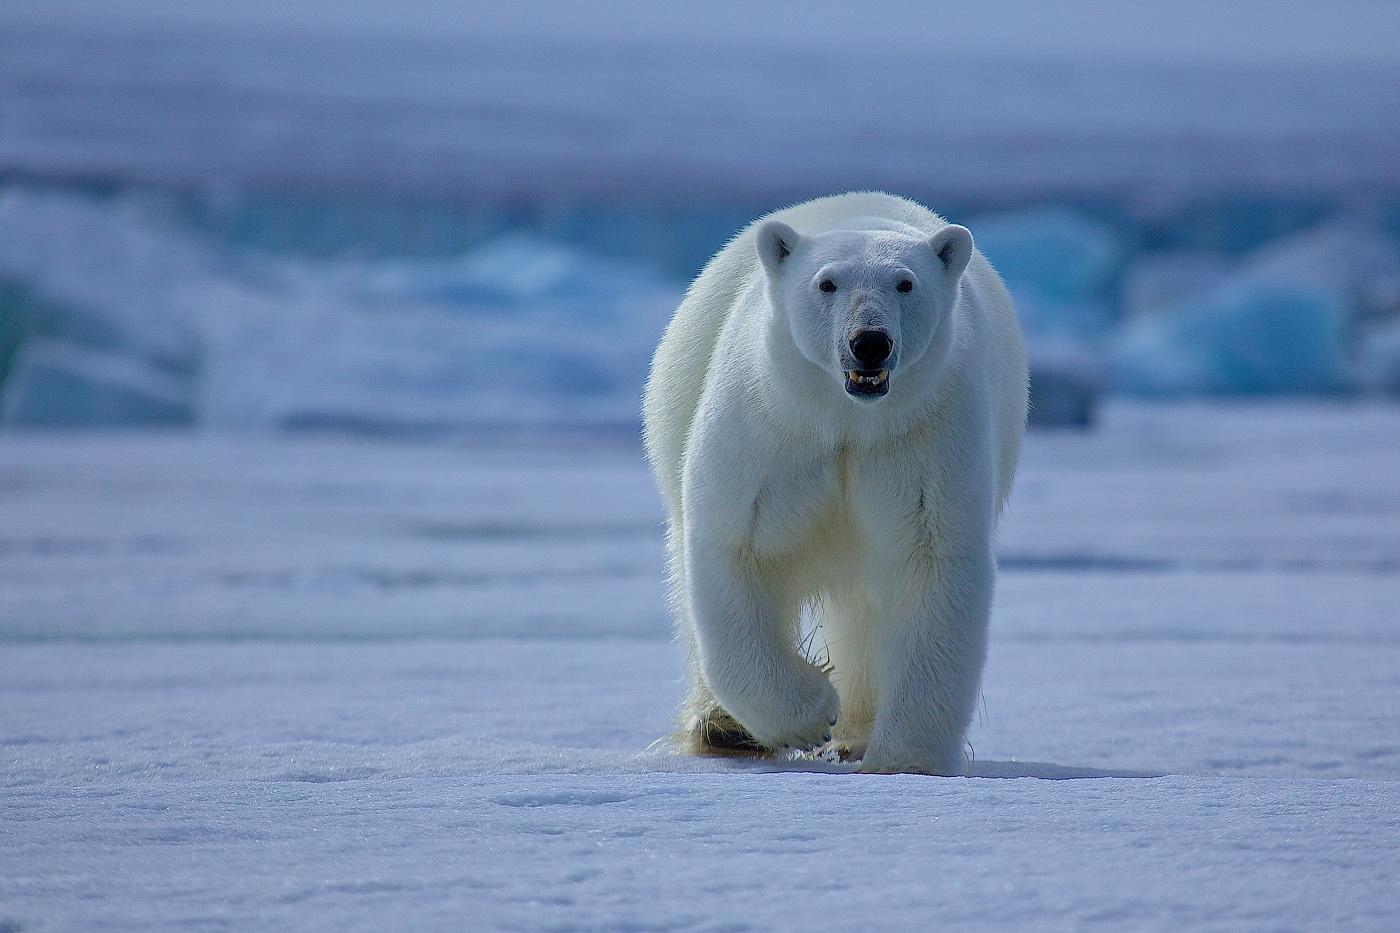 Imagenes De Osos Polares: IMAGENES DE OSOS POLARES: FOTO DE OSO POLAR SOLITARIO